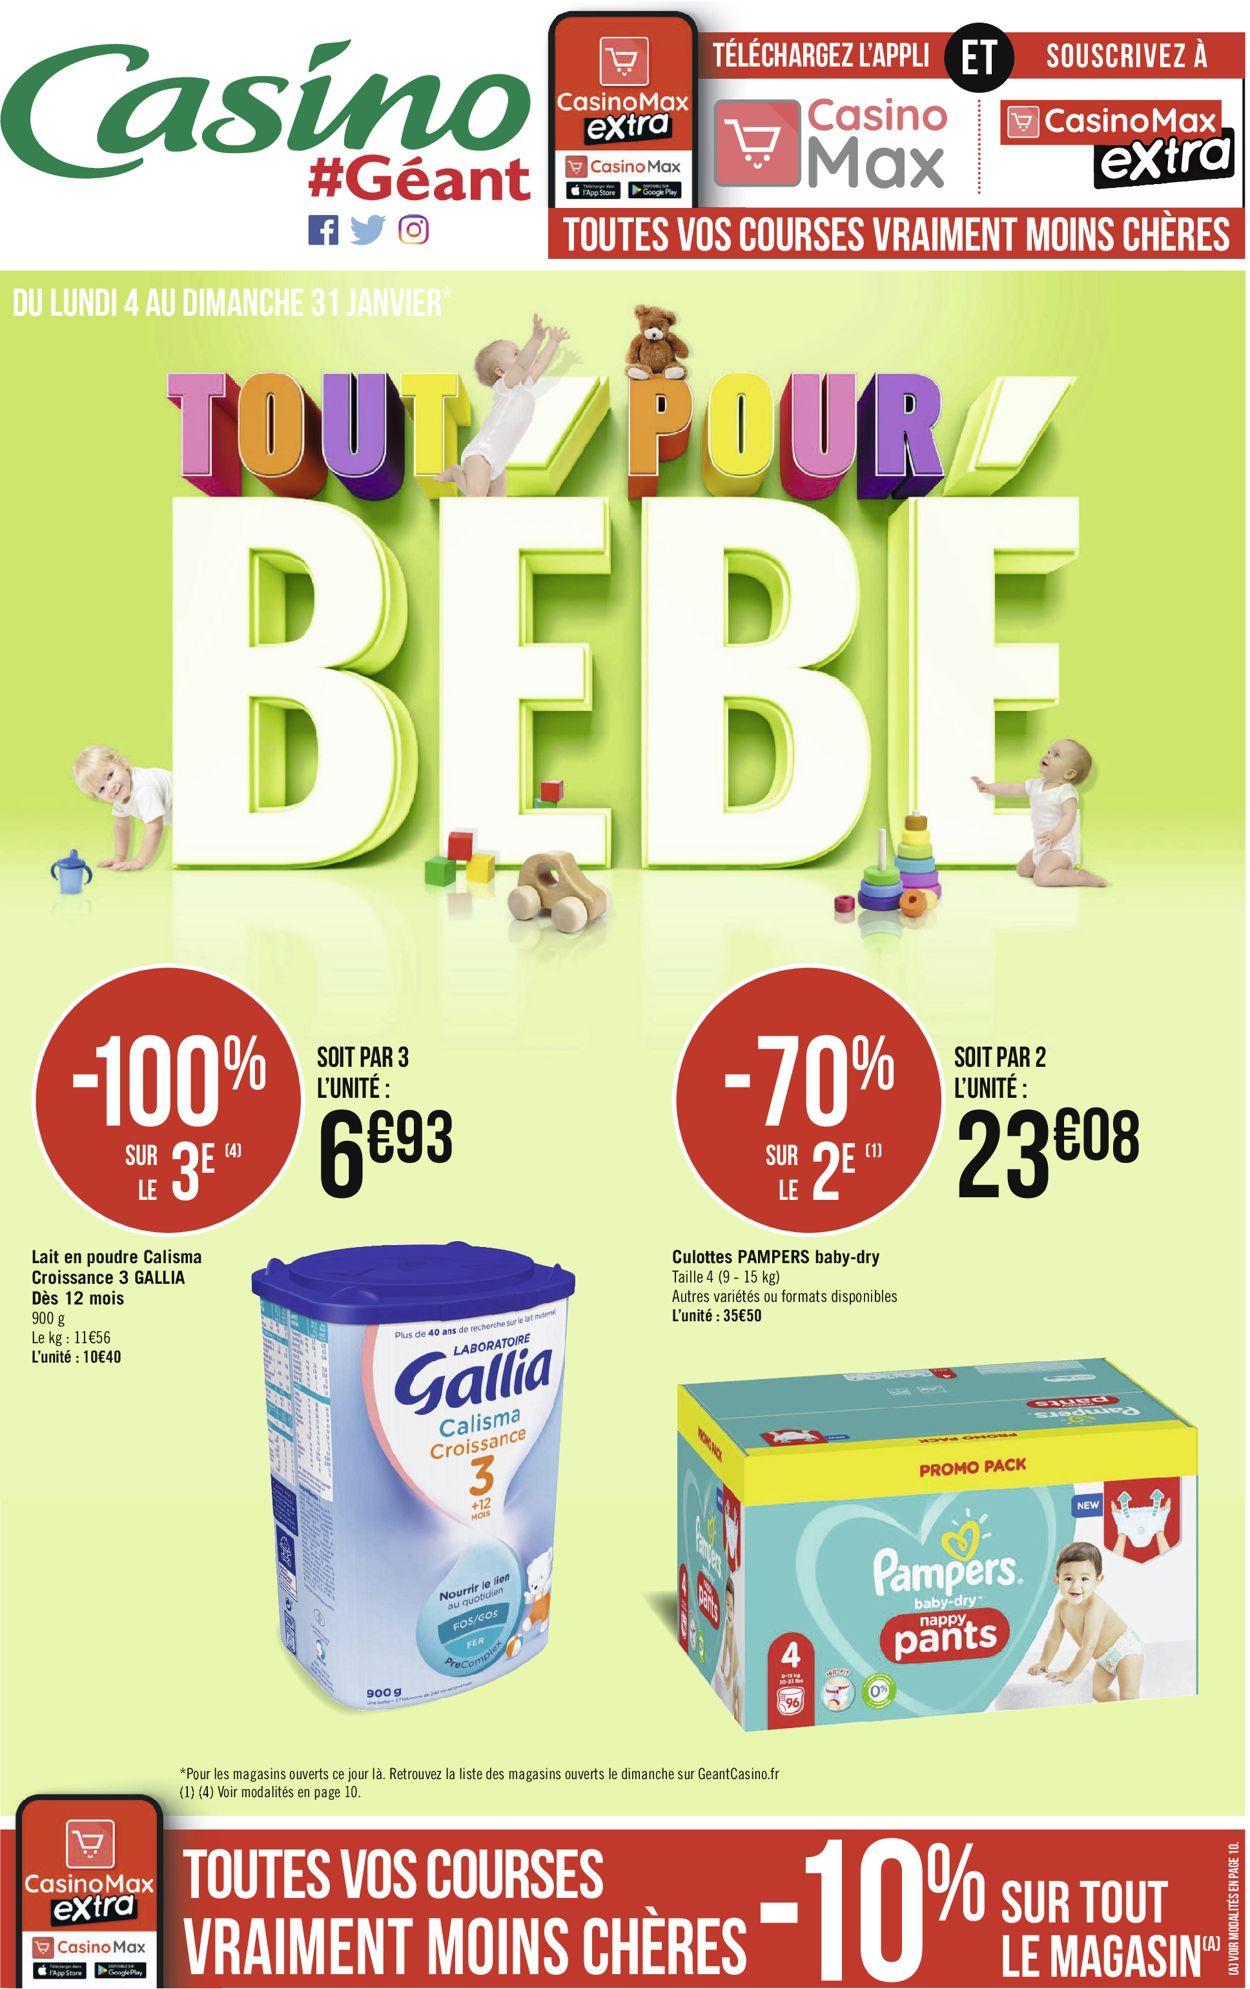 Géant Casino Tout pour bébé 2021 Catalogue - 04.01-31.01.2021